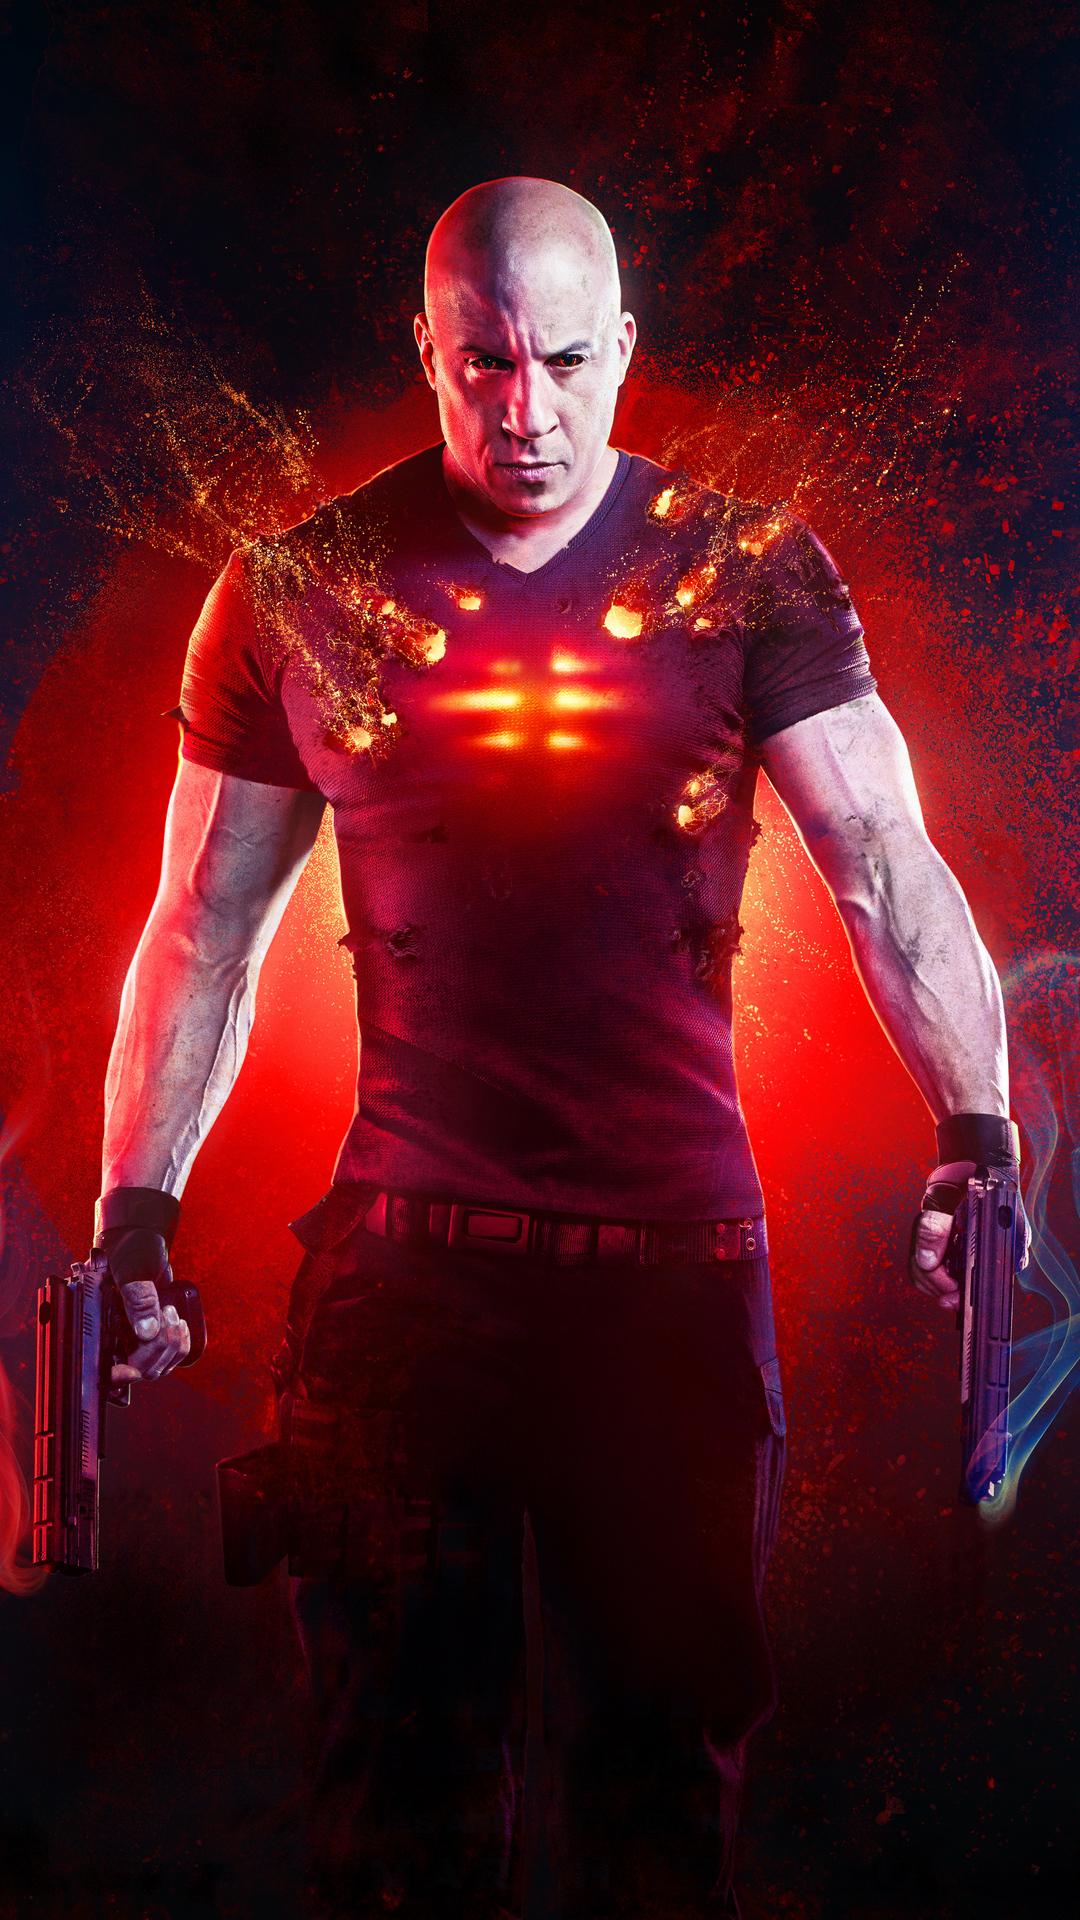 New 45 Bloodshot Wallpapers Bloodshot 2020 Movie Photos Images 1080x1920